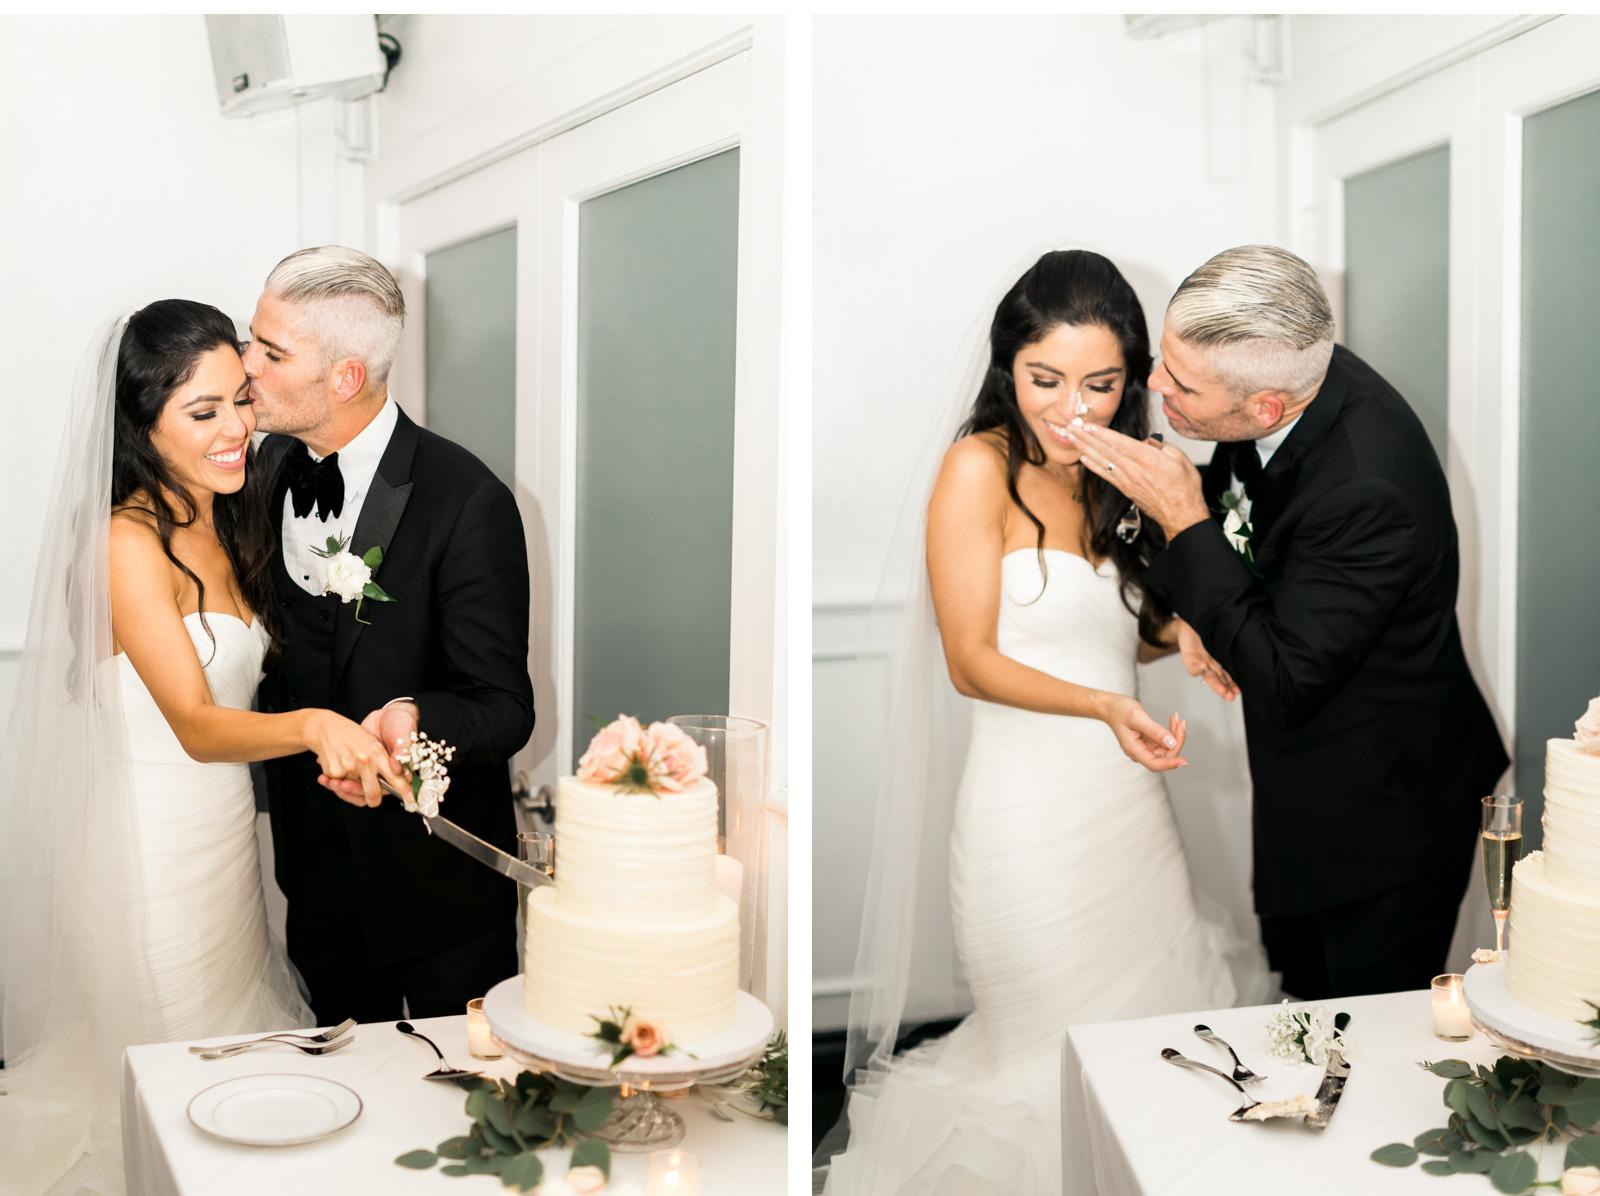 Sunset-Restaurant-Wedding-Natalie-Schutt-Photography_01_06.jpg